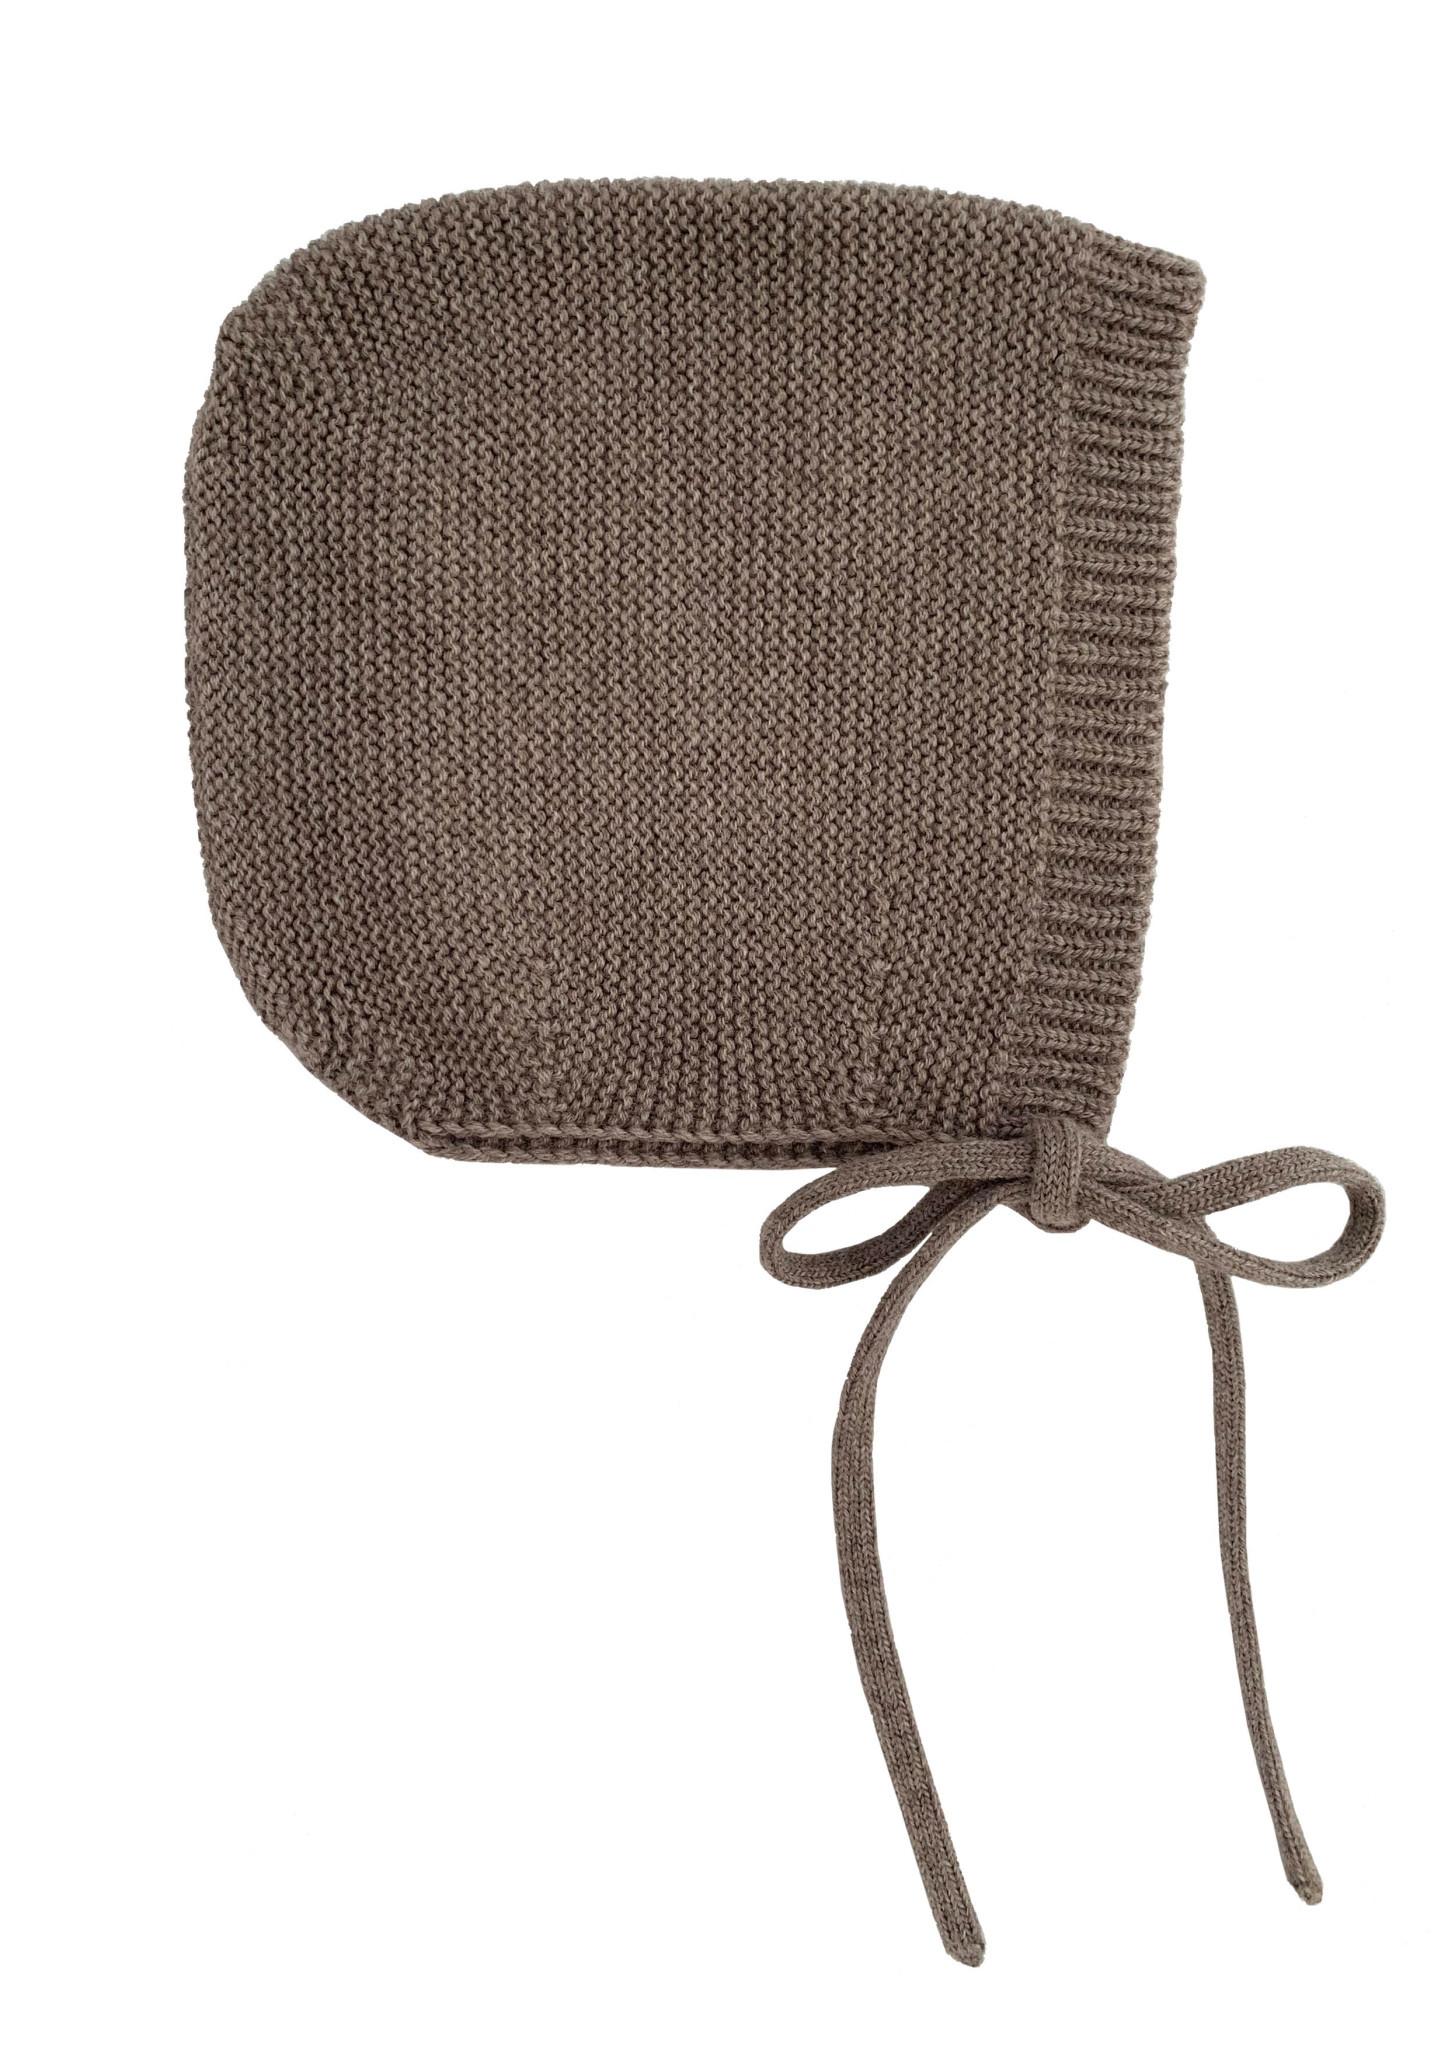 Bonnet dolly otter-3